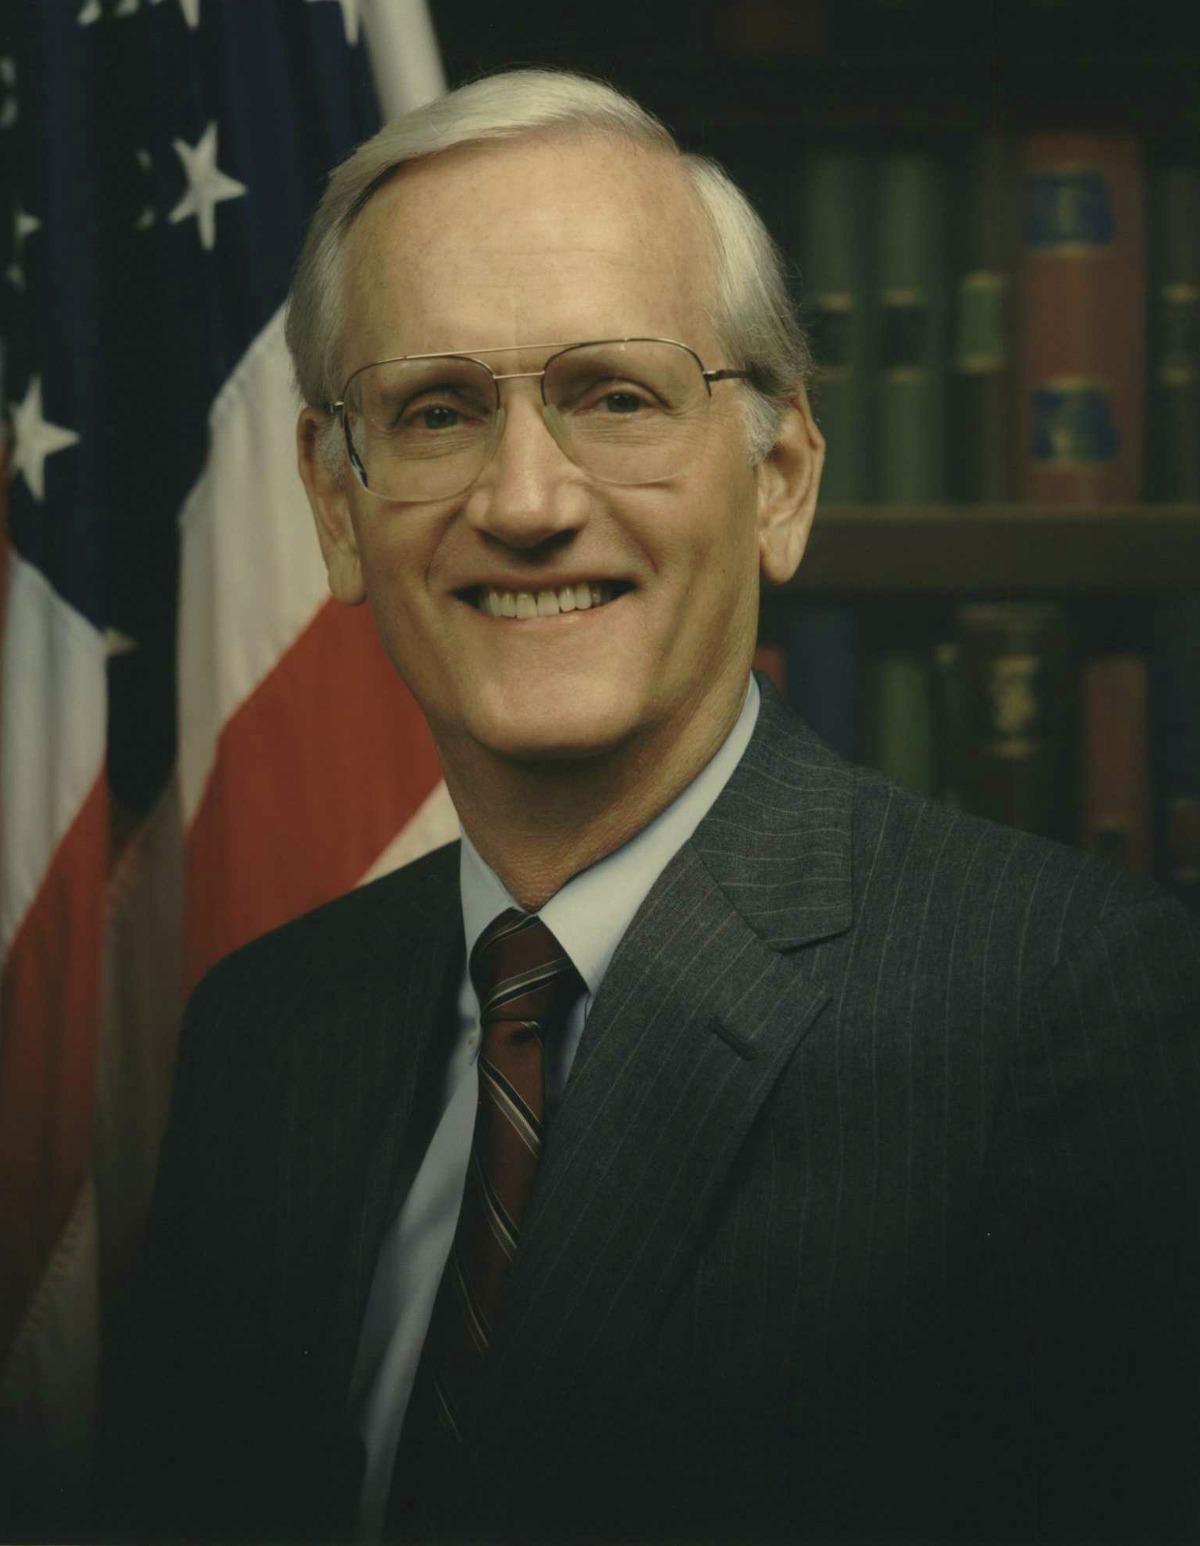 William Sessions, FBI director portrait